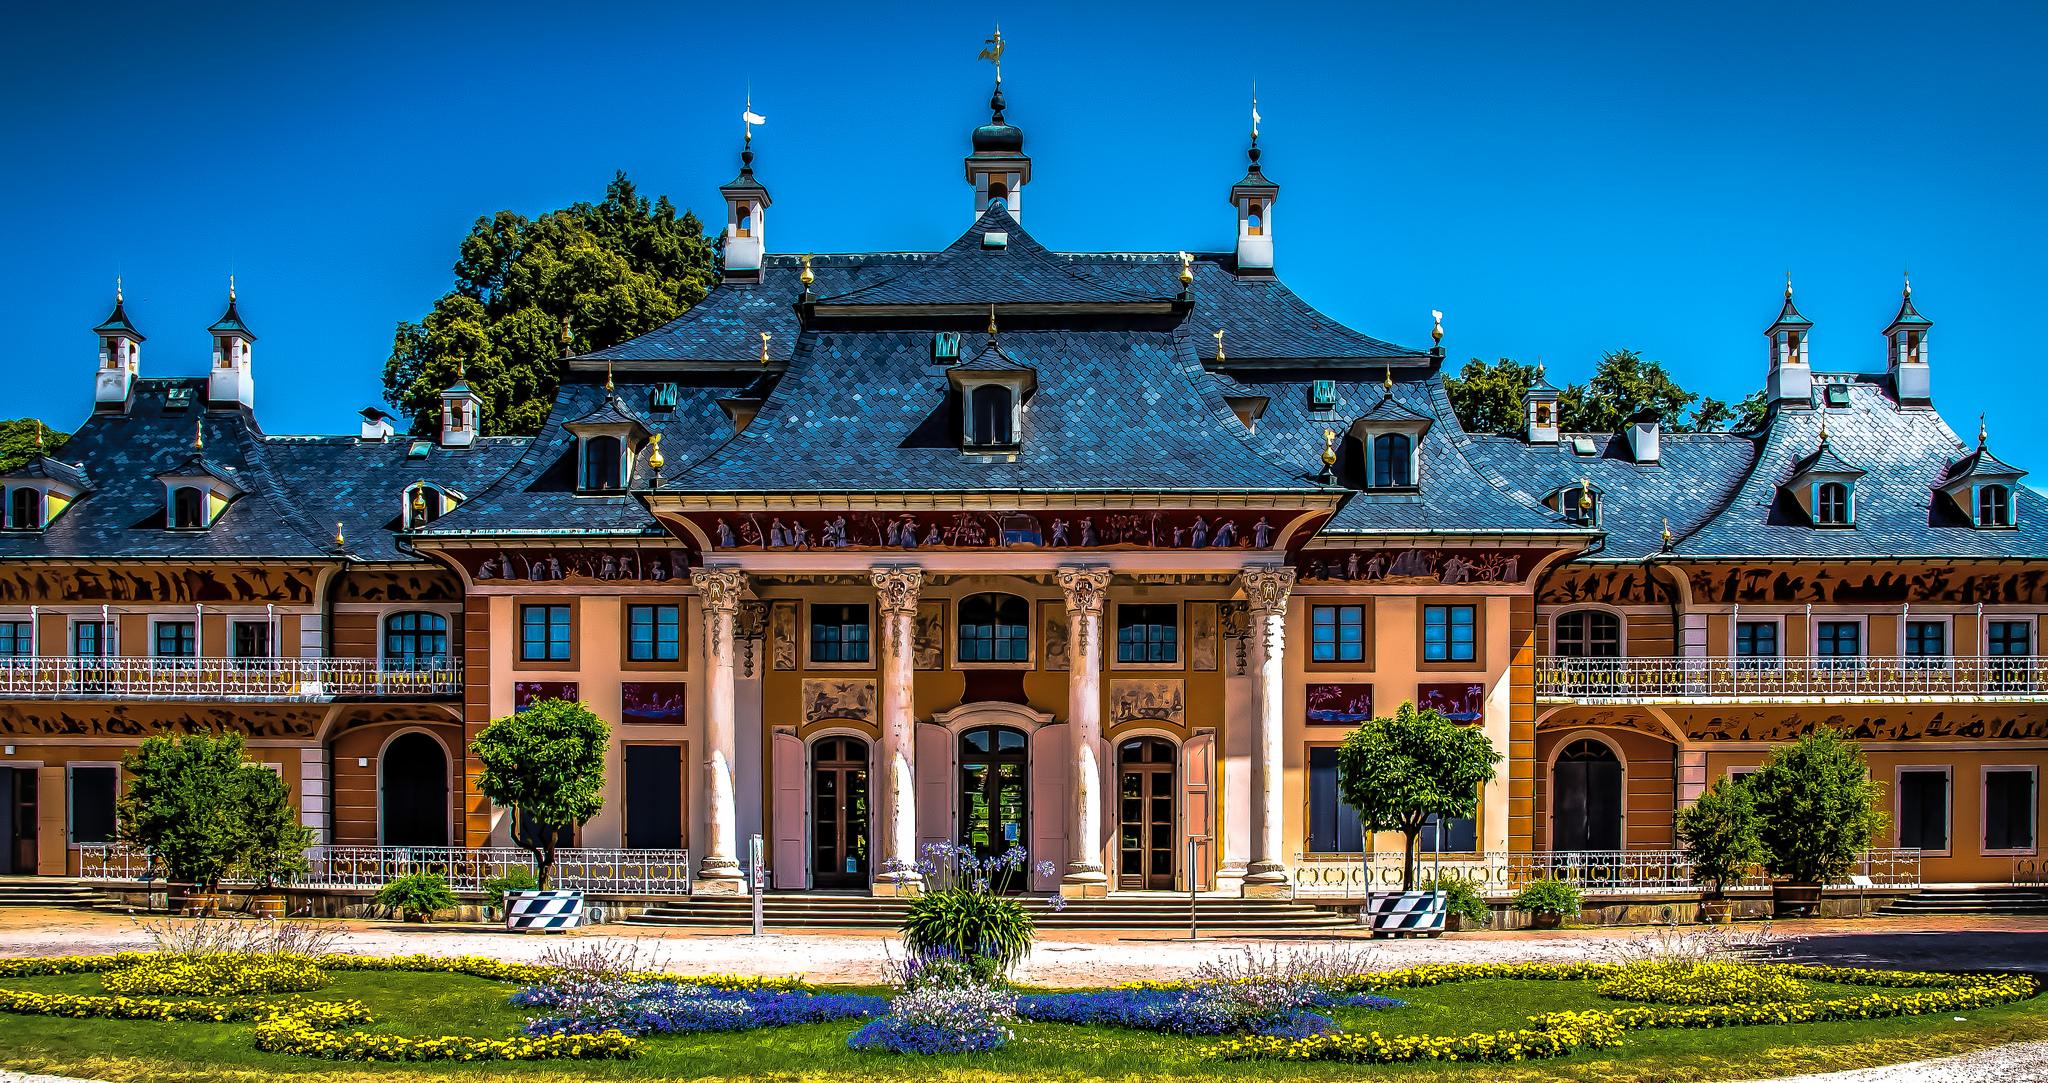 Pillnitz.Castle.Dresden.Germany